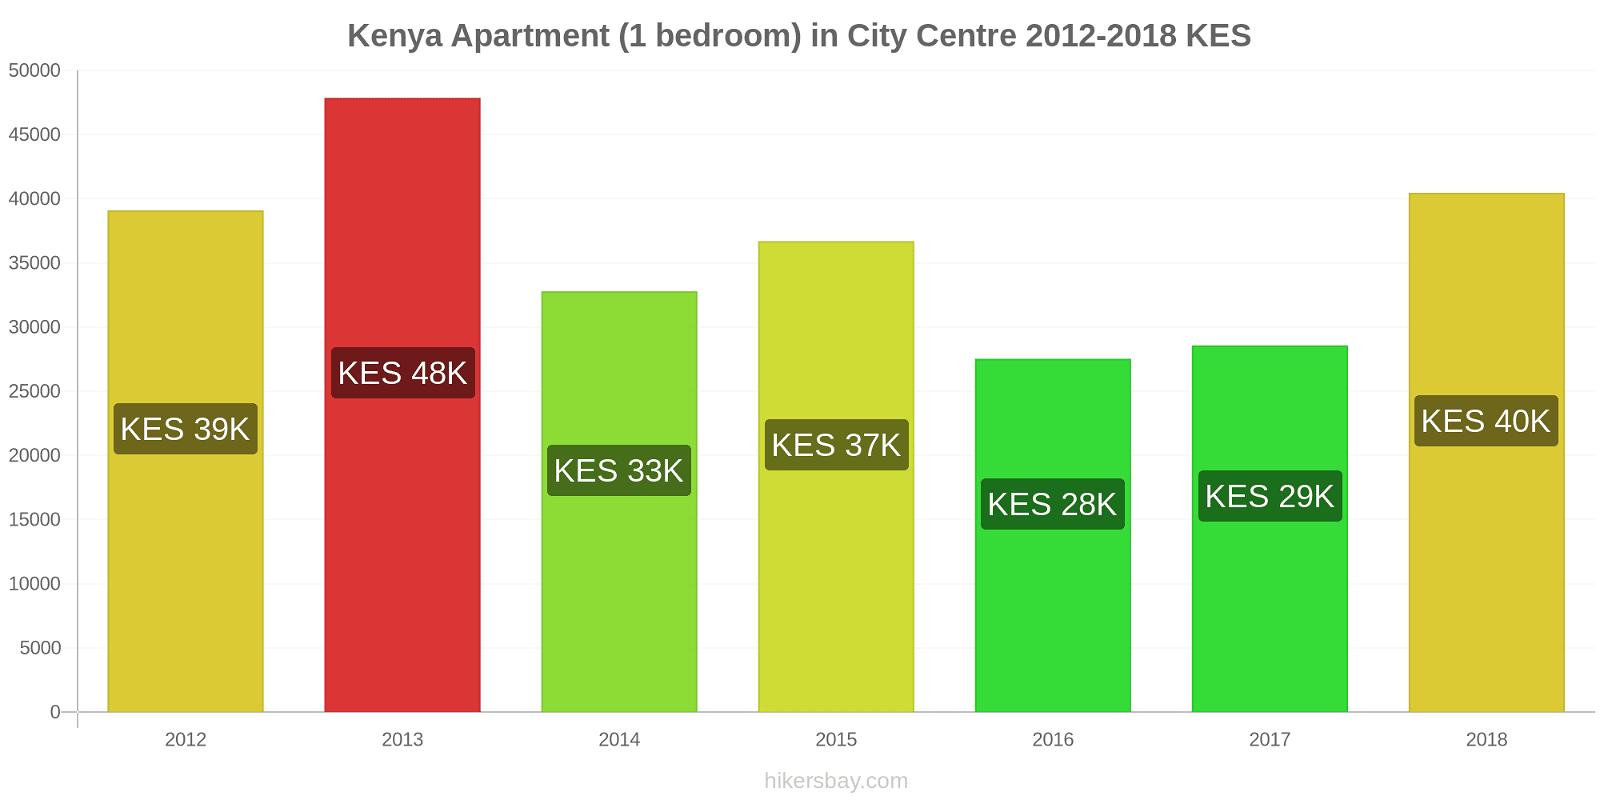 Kenya price changes Apartment (1 bedroom) in City Centre hikersbay.com